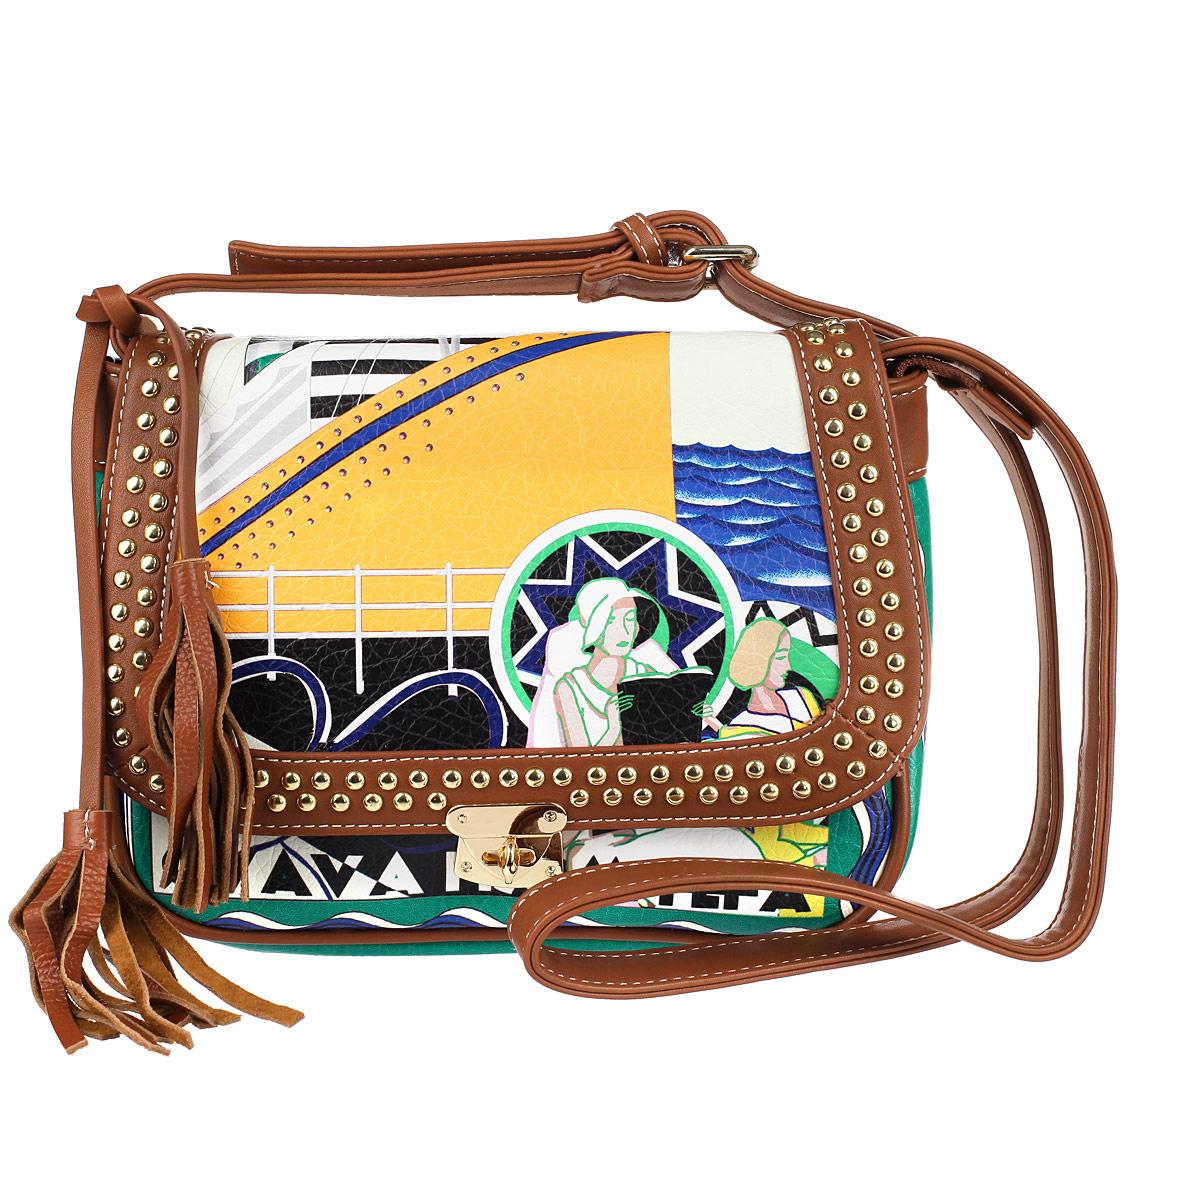 Сумка женская Dino Ricci, цвет: зеленый, оранжевый. 2001-195-12001-195-1Оригинальная сумка кросс-боди, выполненная из высококачественной искусственной кожи. Модель закрывается на застежку молния и клапан, на задней стенке карман, также на молнии, длинный ремень. Внутри одно основное отделение с большим карманом на молнии, а также внутренние карманы для документов и мобильного телефона. Клапан украшен металлическими заклепками. Принт сумки выполнен в морском стиле. Такая сумка позволит вам подчеркнуть свой стиль и особенный статус.